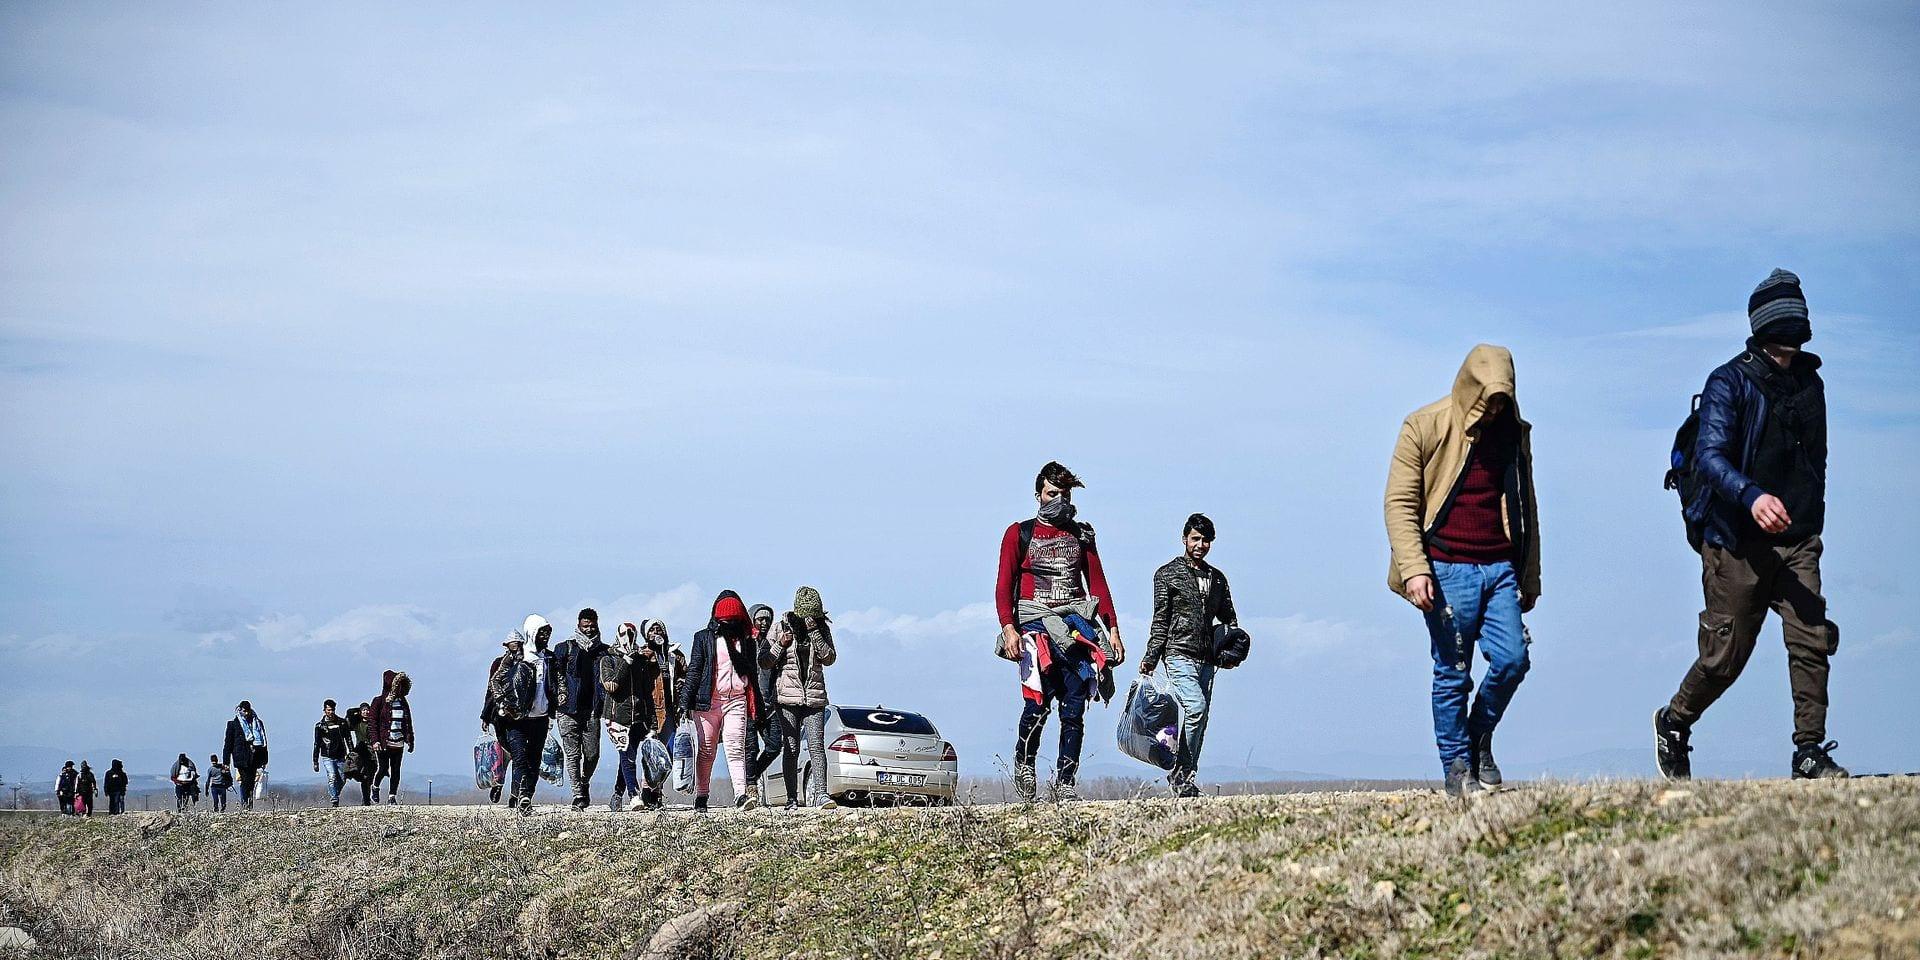 Les Européens qui aident les migrants, passibles de poursuites